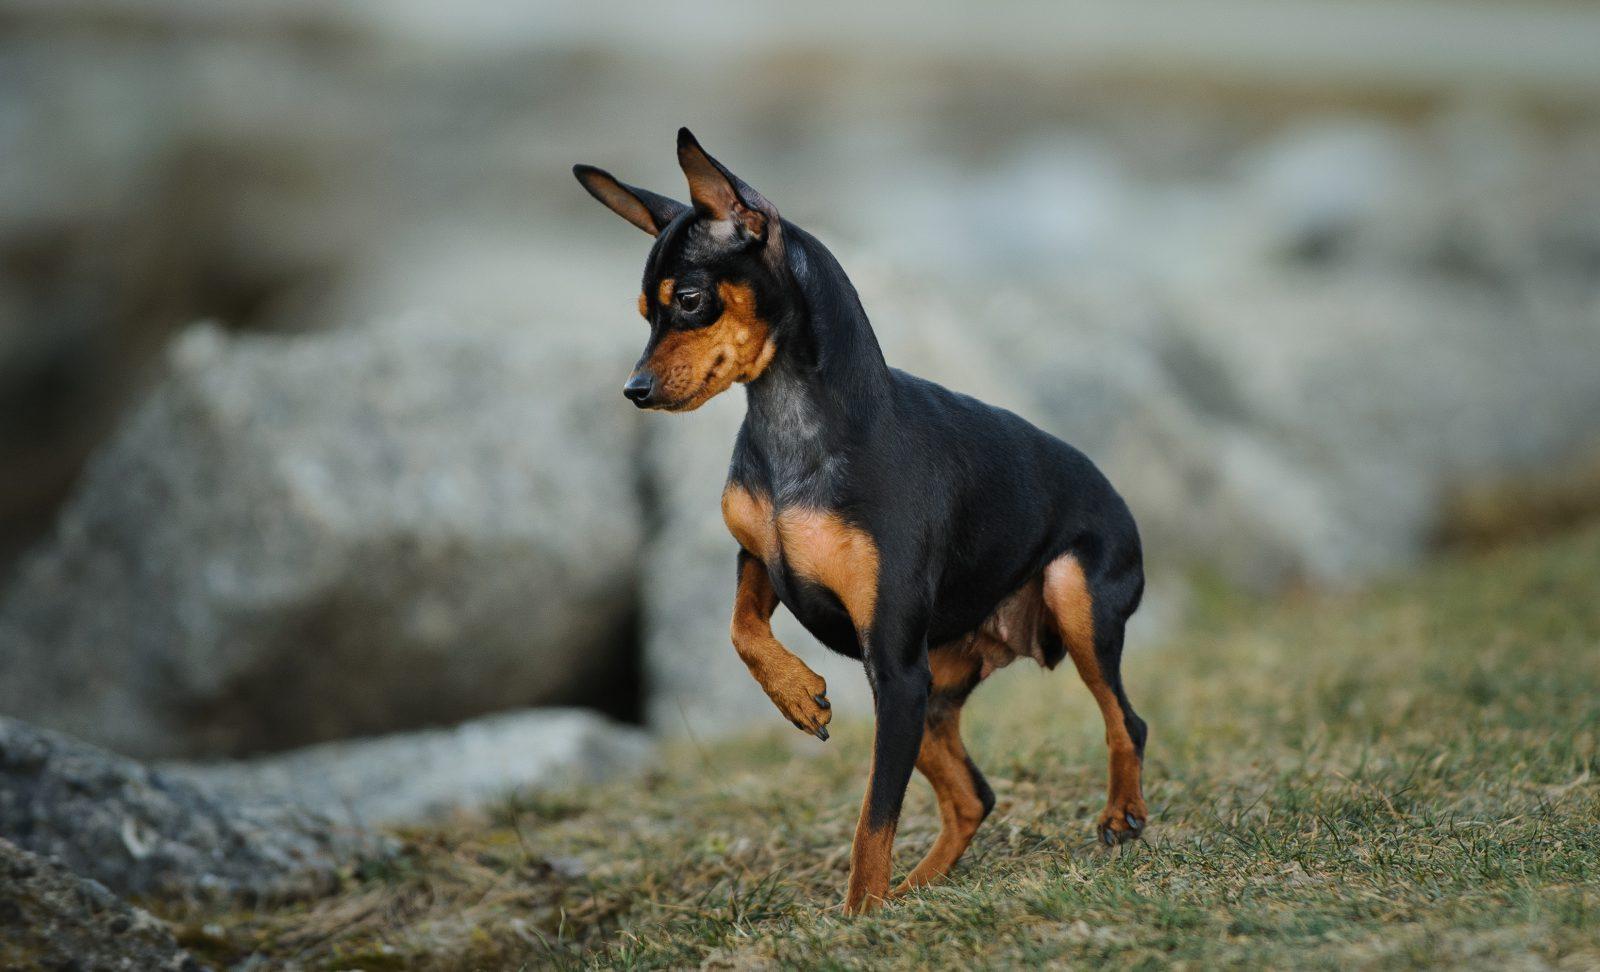 Cachorros de pequeno porte: Pinscher Miniatura brincando no parque.